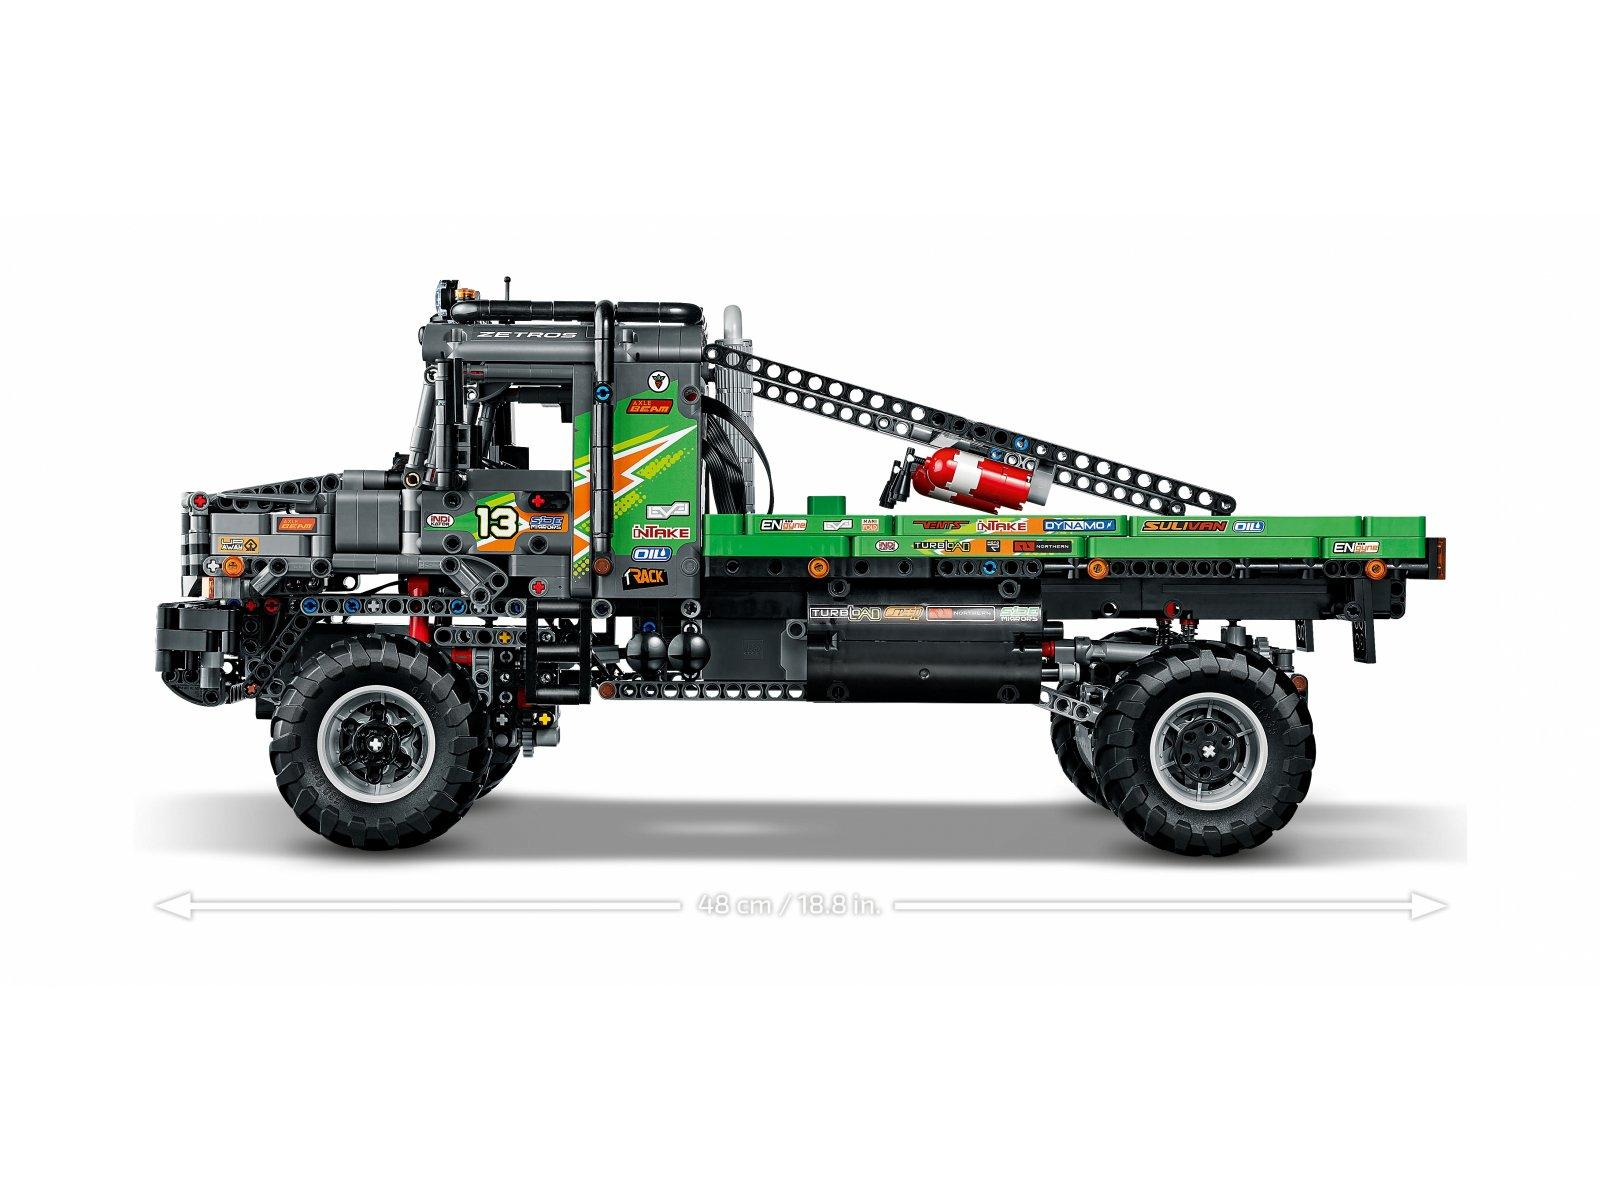 LEGO 42129 Technic Ciężarówka Mercedes-Benz Zetros z napędem na 4 koła